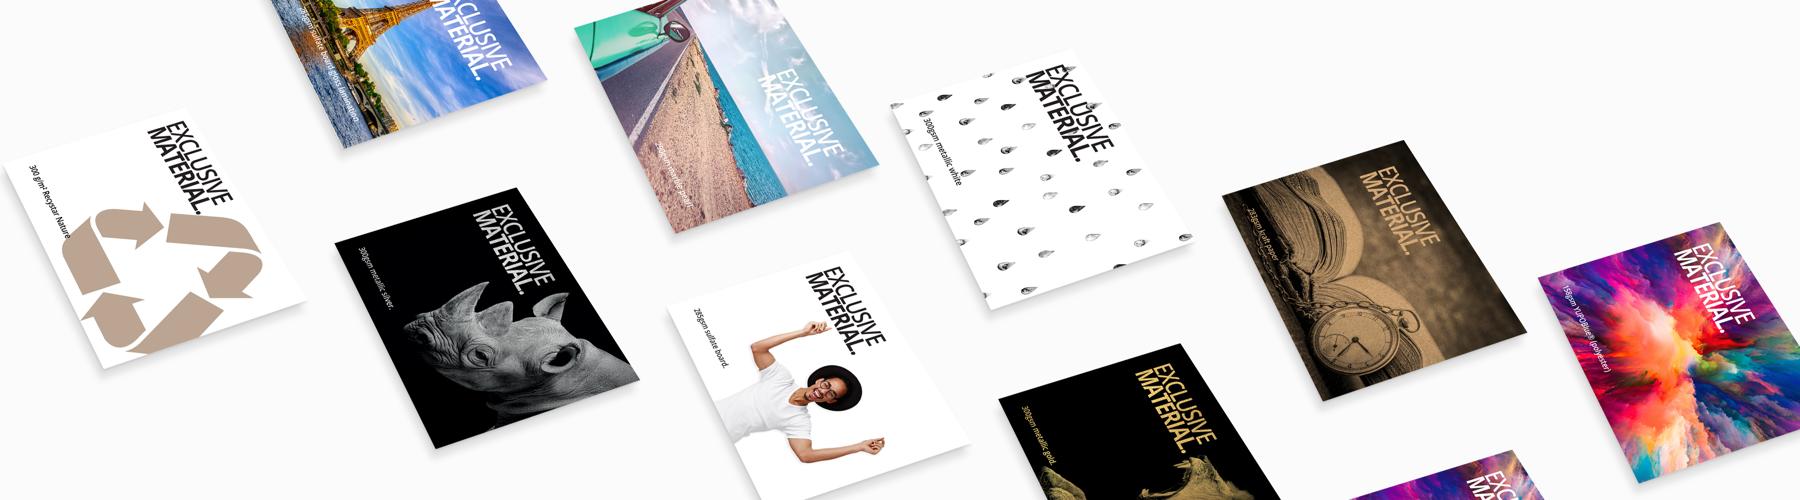 Cómo elegir el material especial de flyers adecuado para que tu diseño destaque